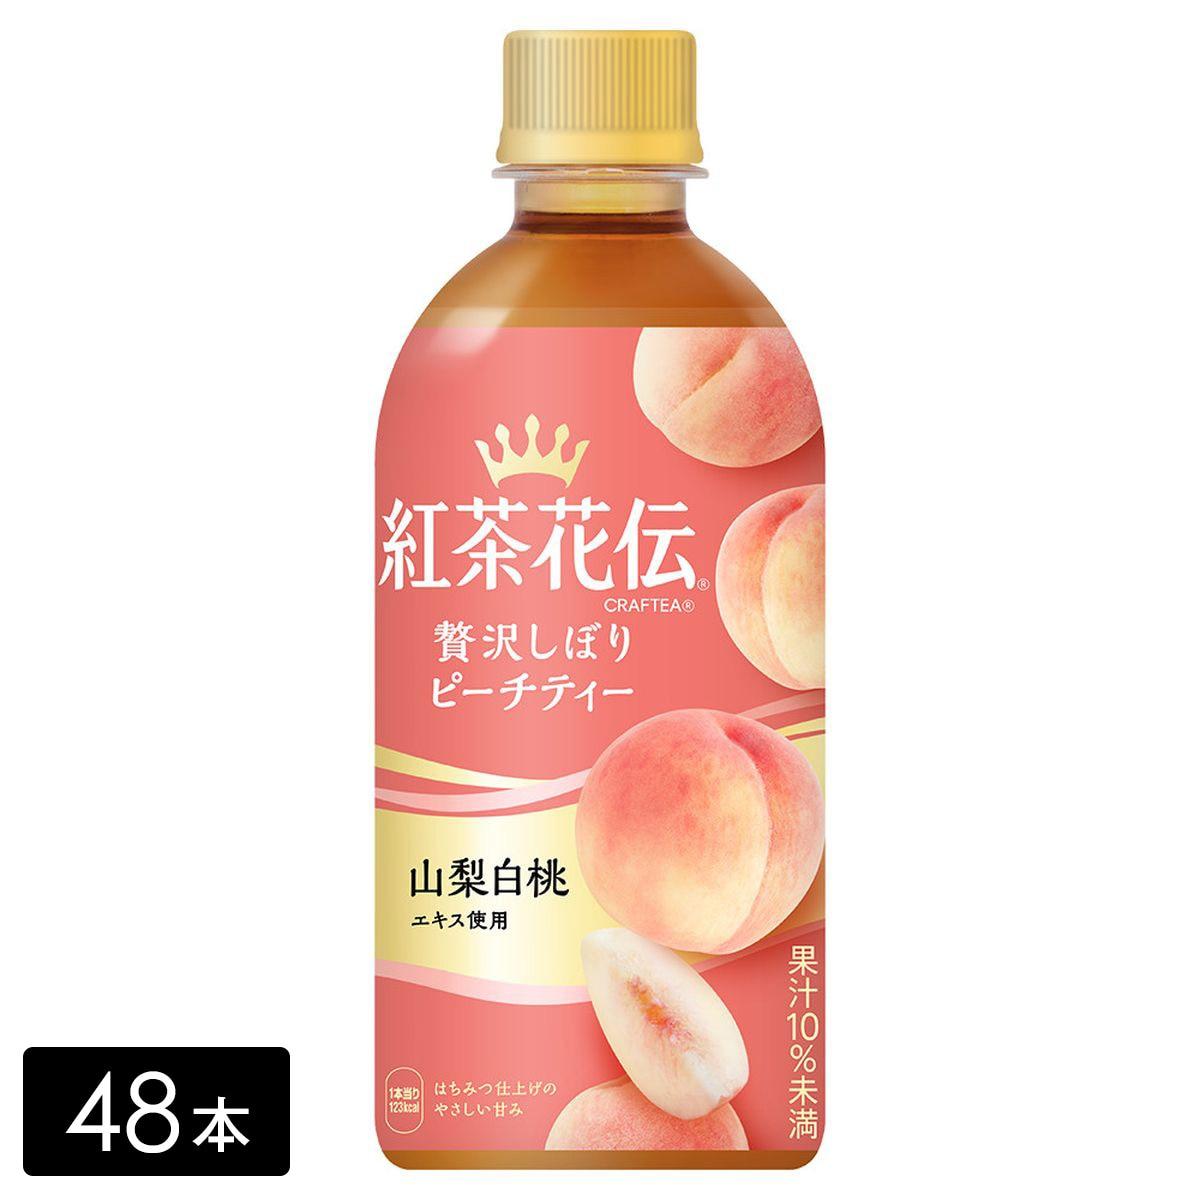 紅茶花伝 クラフティー 贅沢しぼりピーチティー 440mL×48本